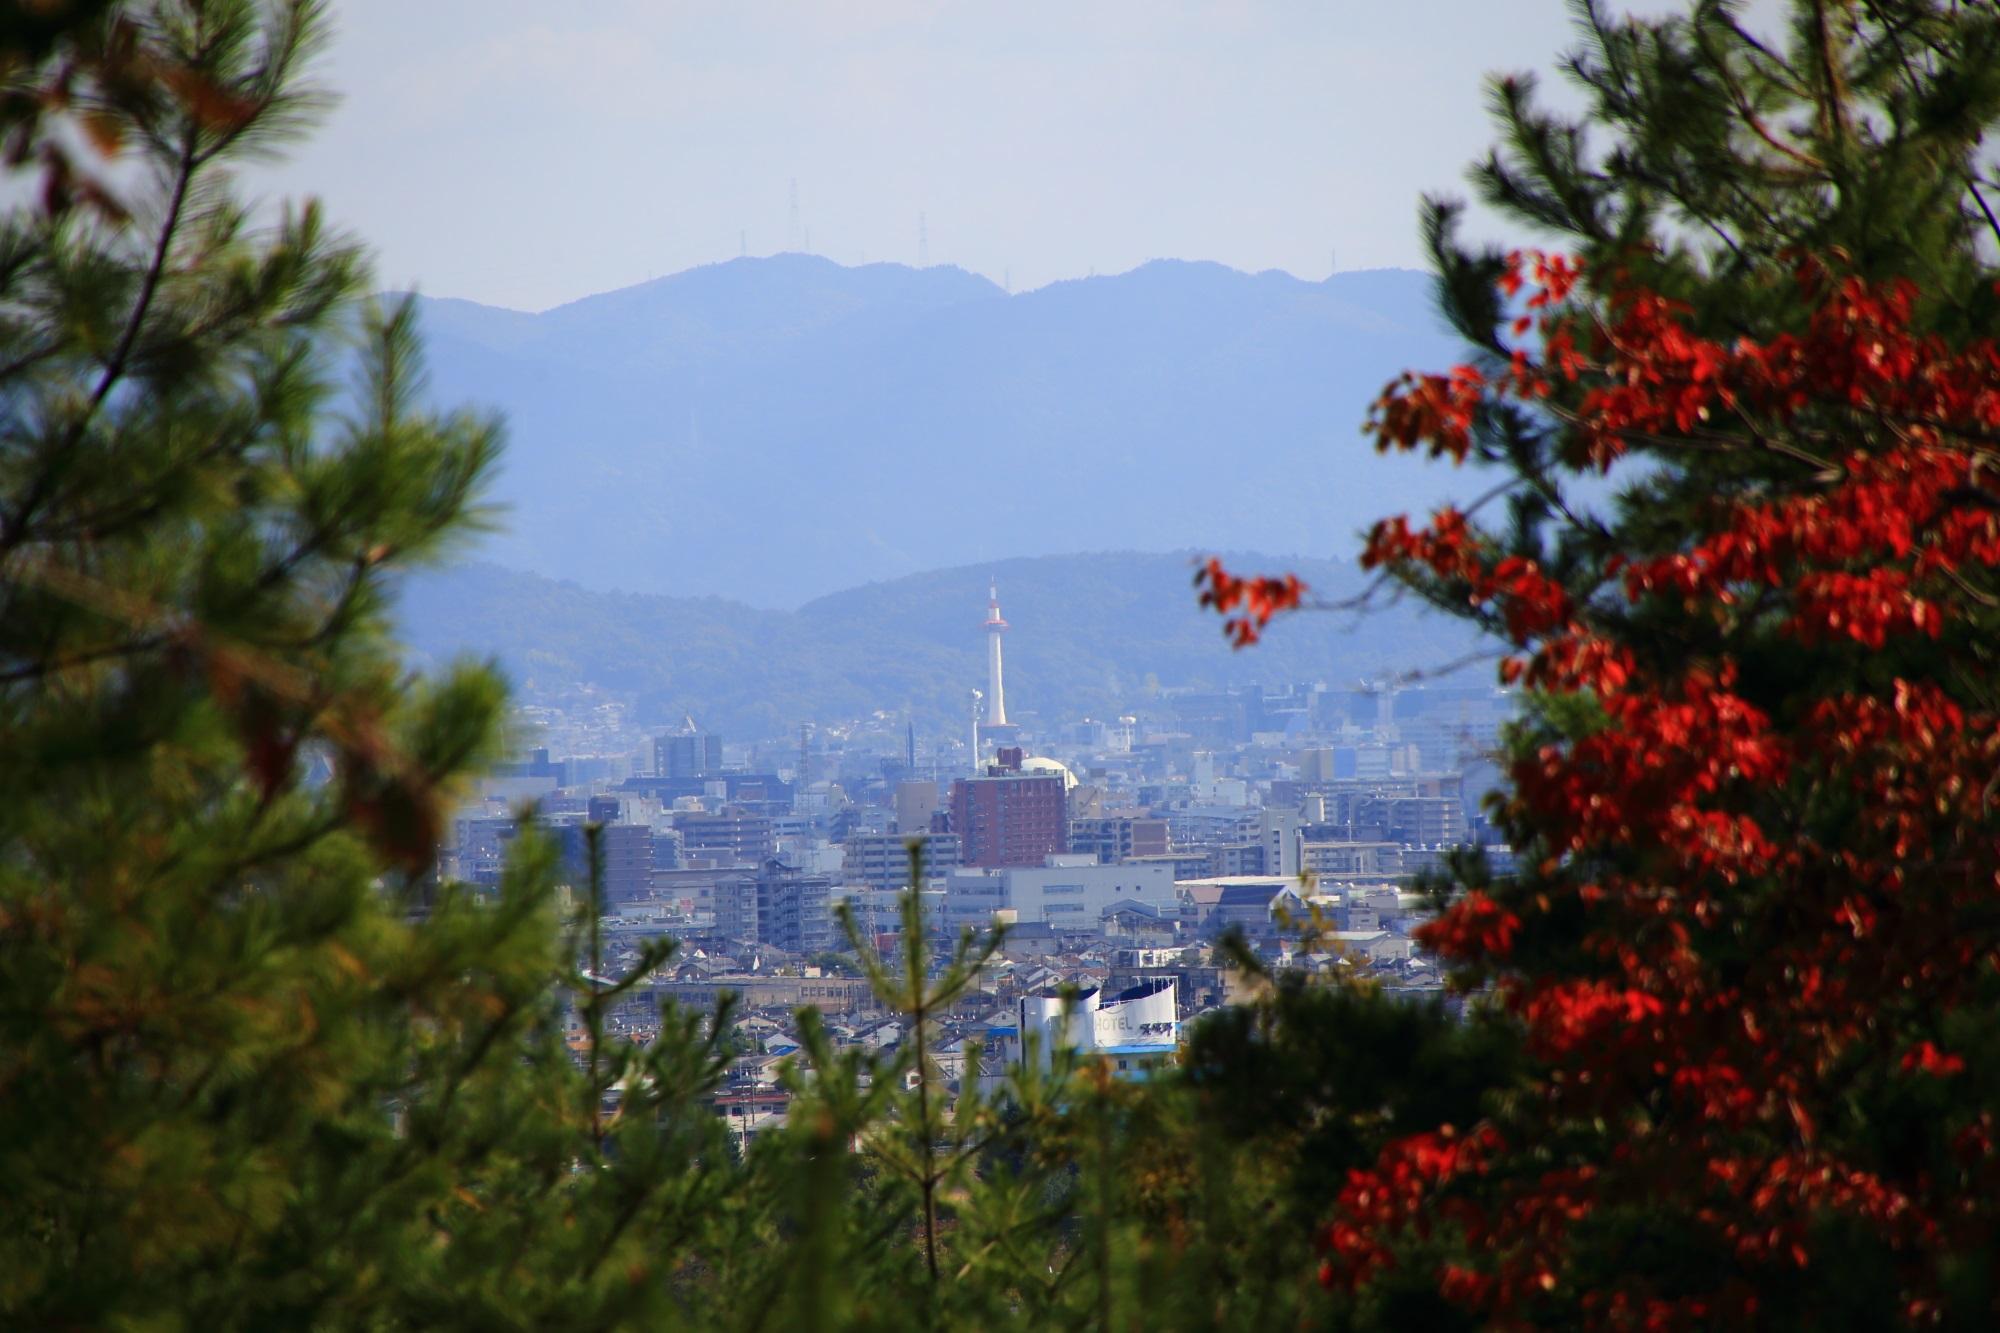 嵐山公園 亀山地区の展望台から眺める京都タワー